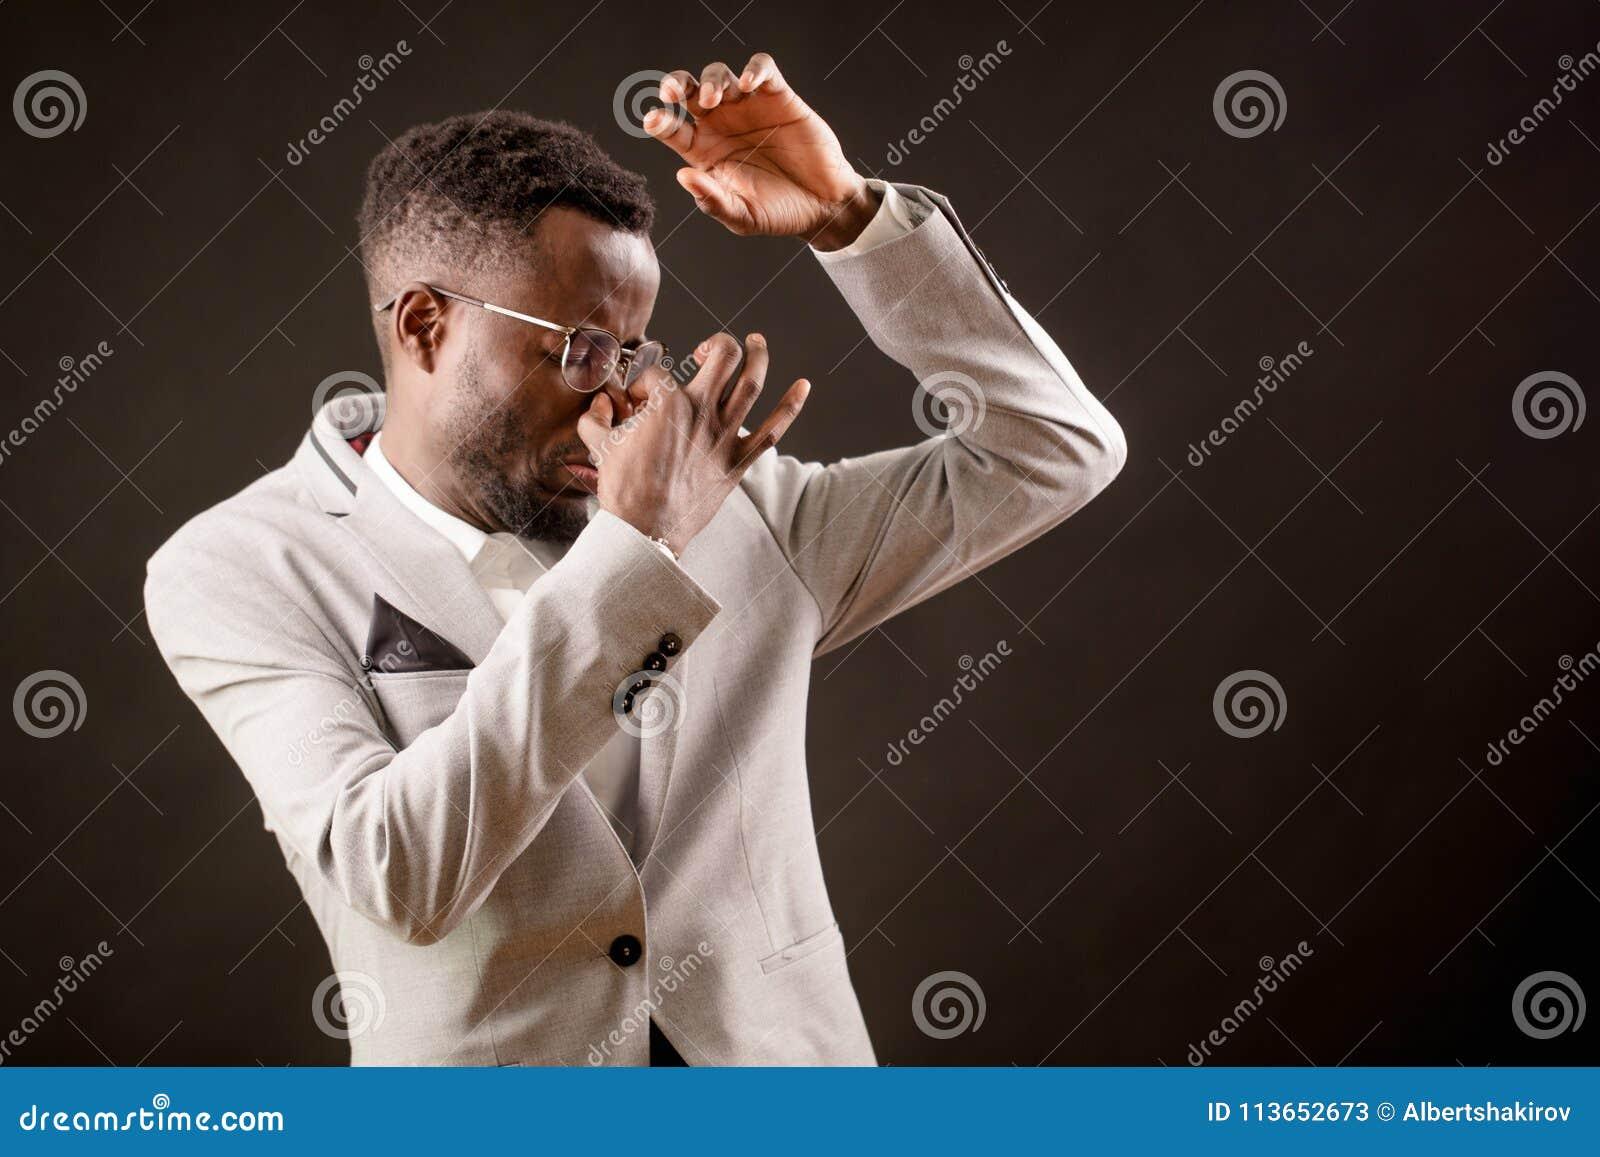 Hombre africano que se cierra la nariz con el finger debido a stentch tremendo